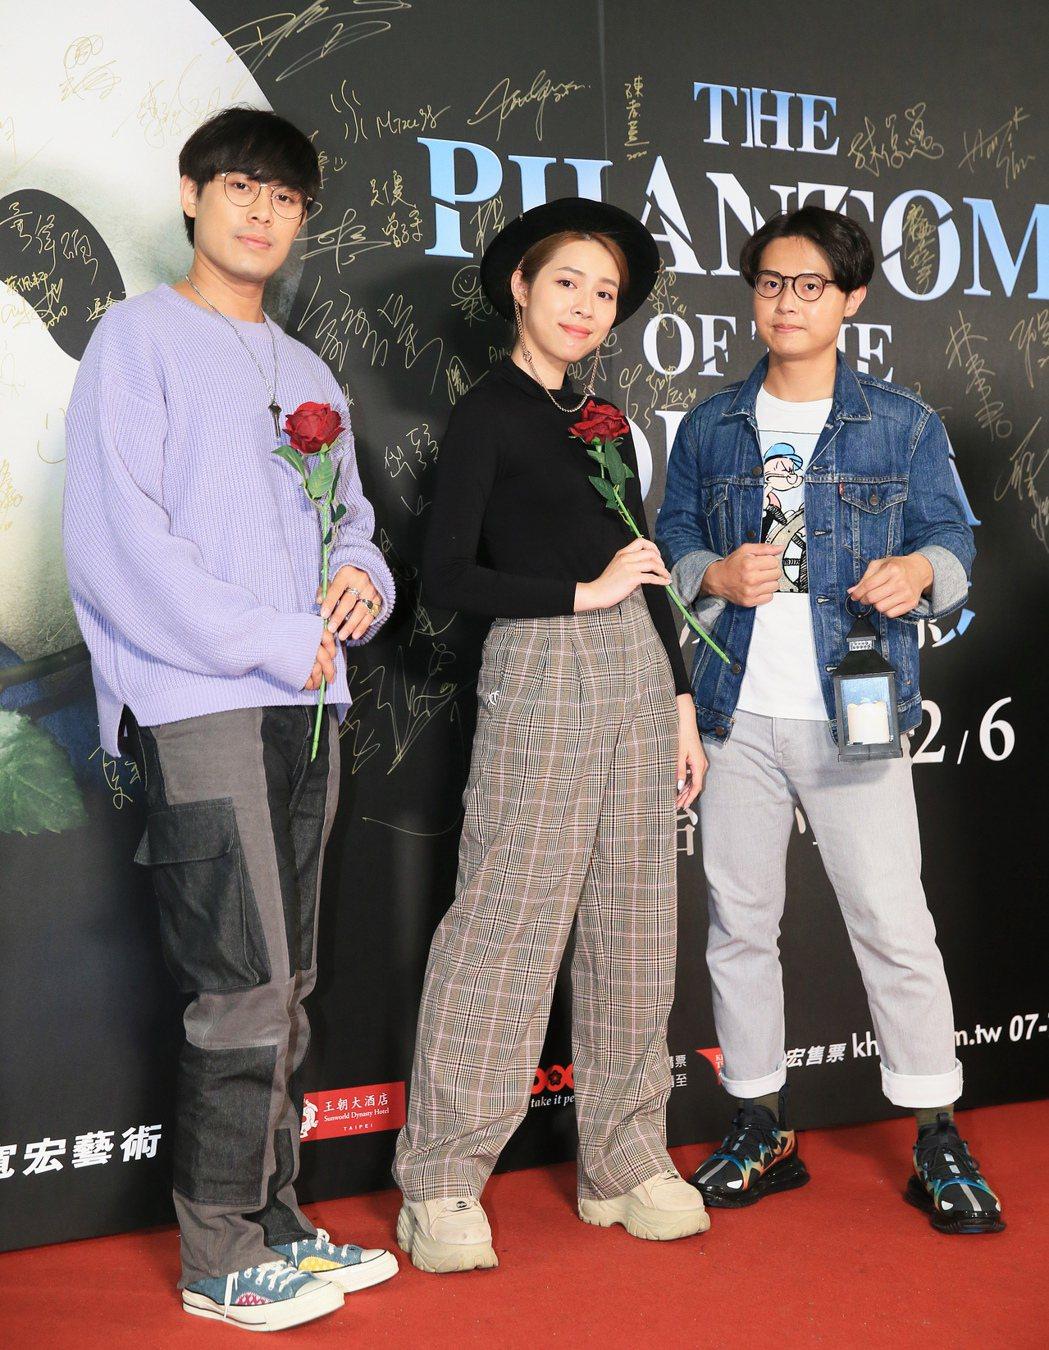 歌劇魅影開演第二周,告五人前來觀影。記者潘俊宏/攝影